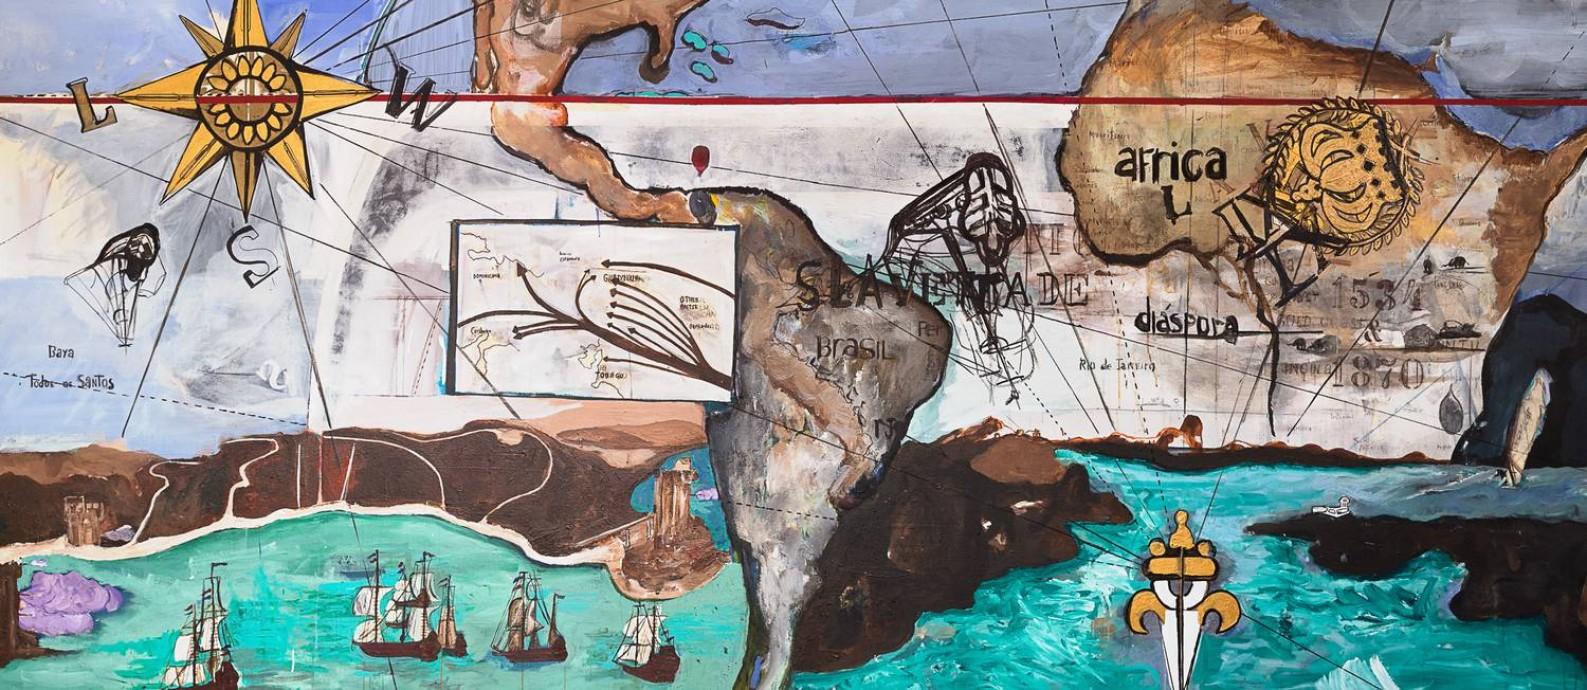 'O triângulo do Atlântico', do brasileiro Arjan Martins, aborda a diáspora africana Foto: Pedro Agilson / Pedro Agilson/Divulgação